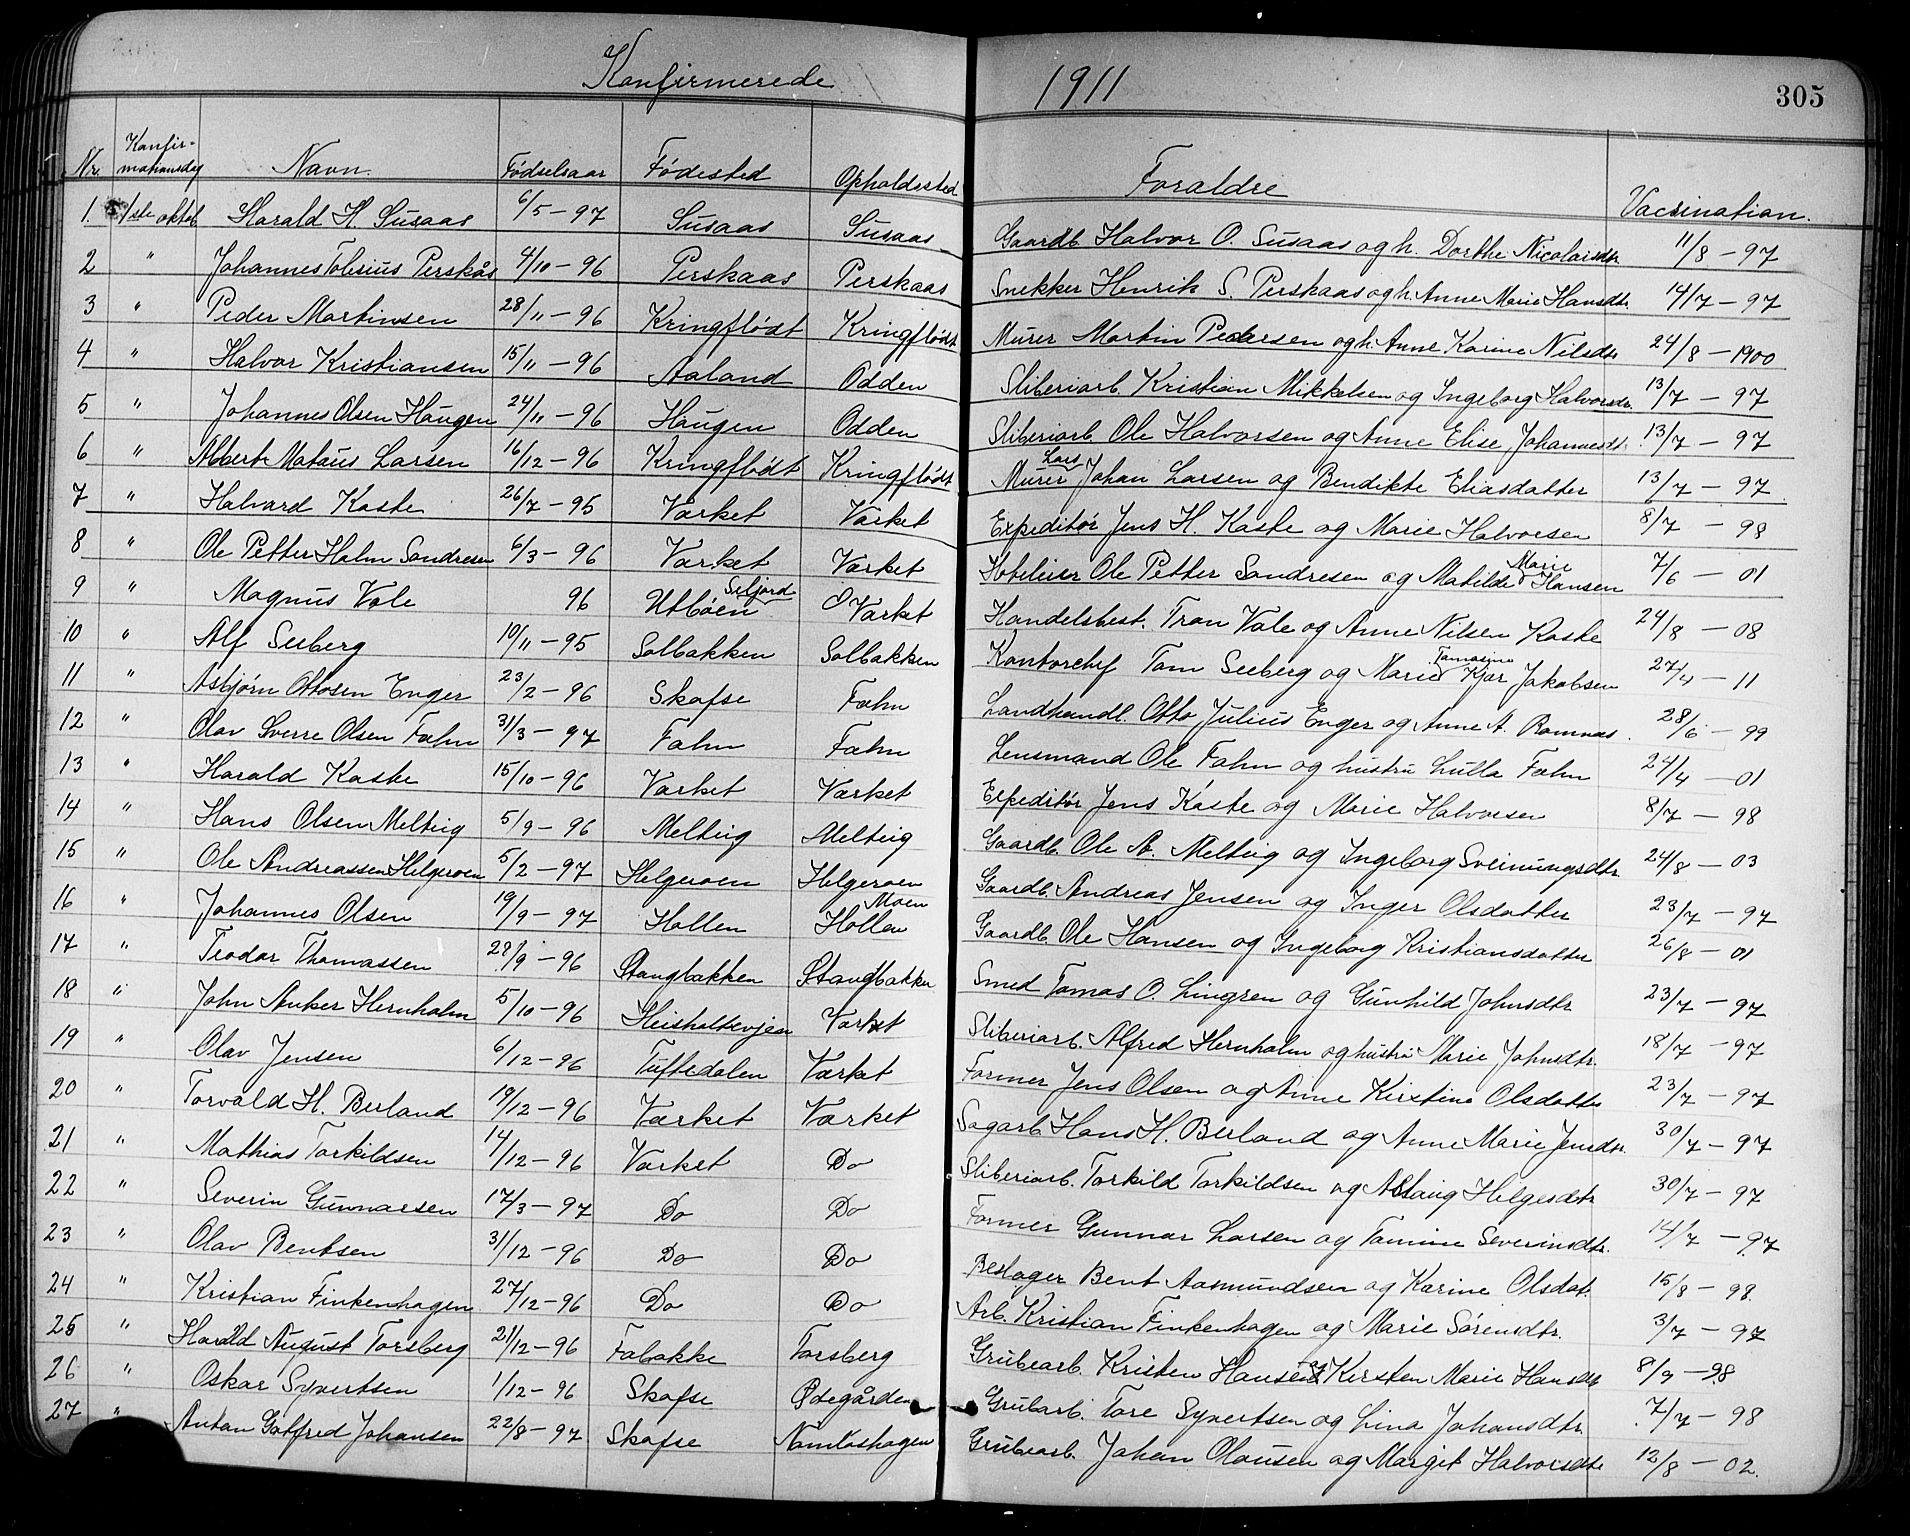 SAKO, Holla kirkebøker, G/Ga/L0005: Klokkerbok nr. I 5, 1891-1917, s. 305